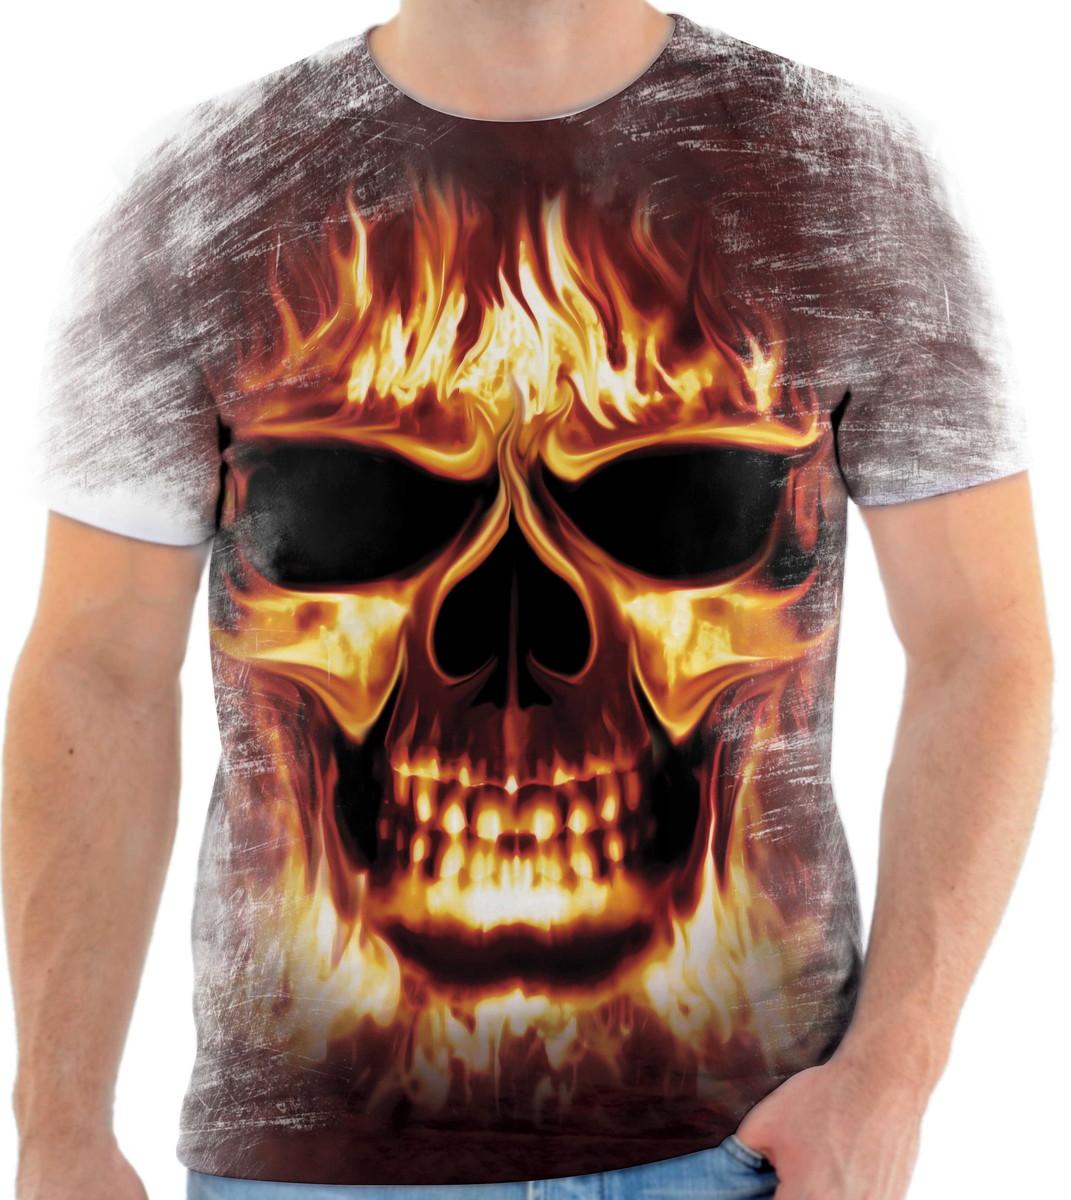 PROMOÇÃO LIQUIDAÇÃO Camiseta Caveira Tamanho G Regata no Elo7 ... 2f0fcc29ddefe